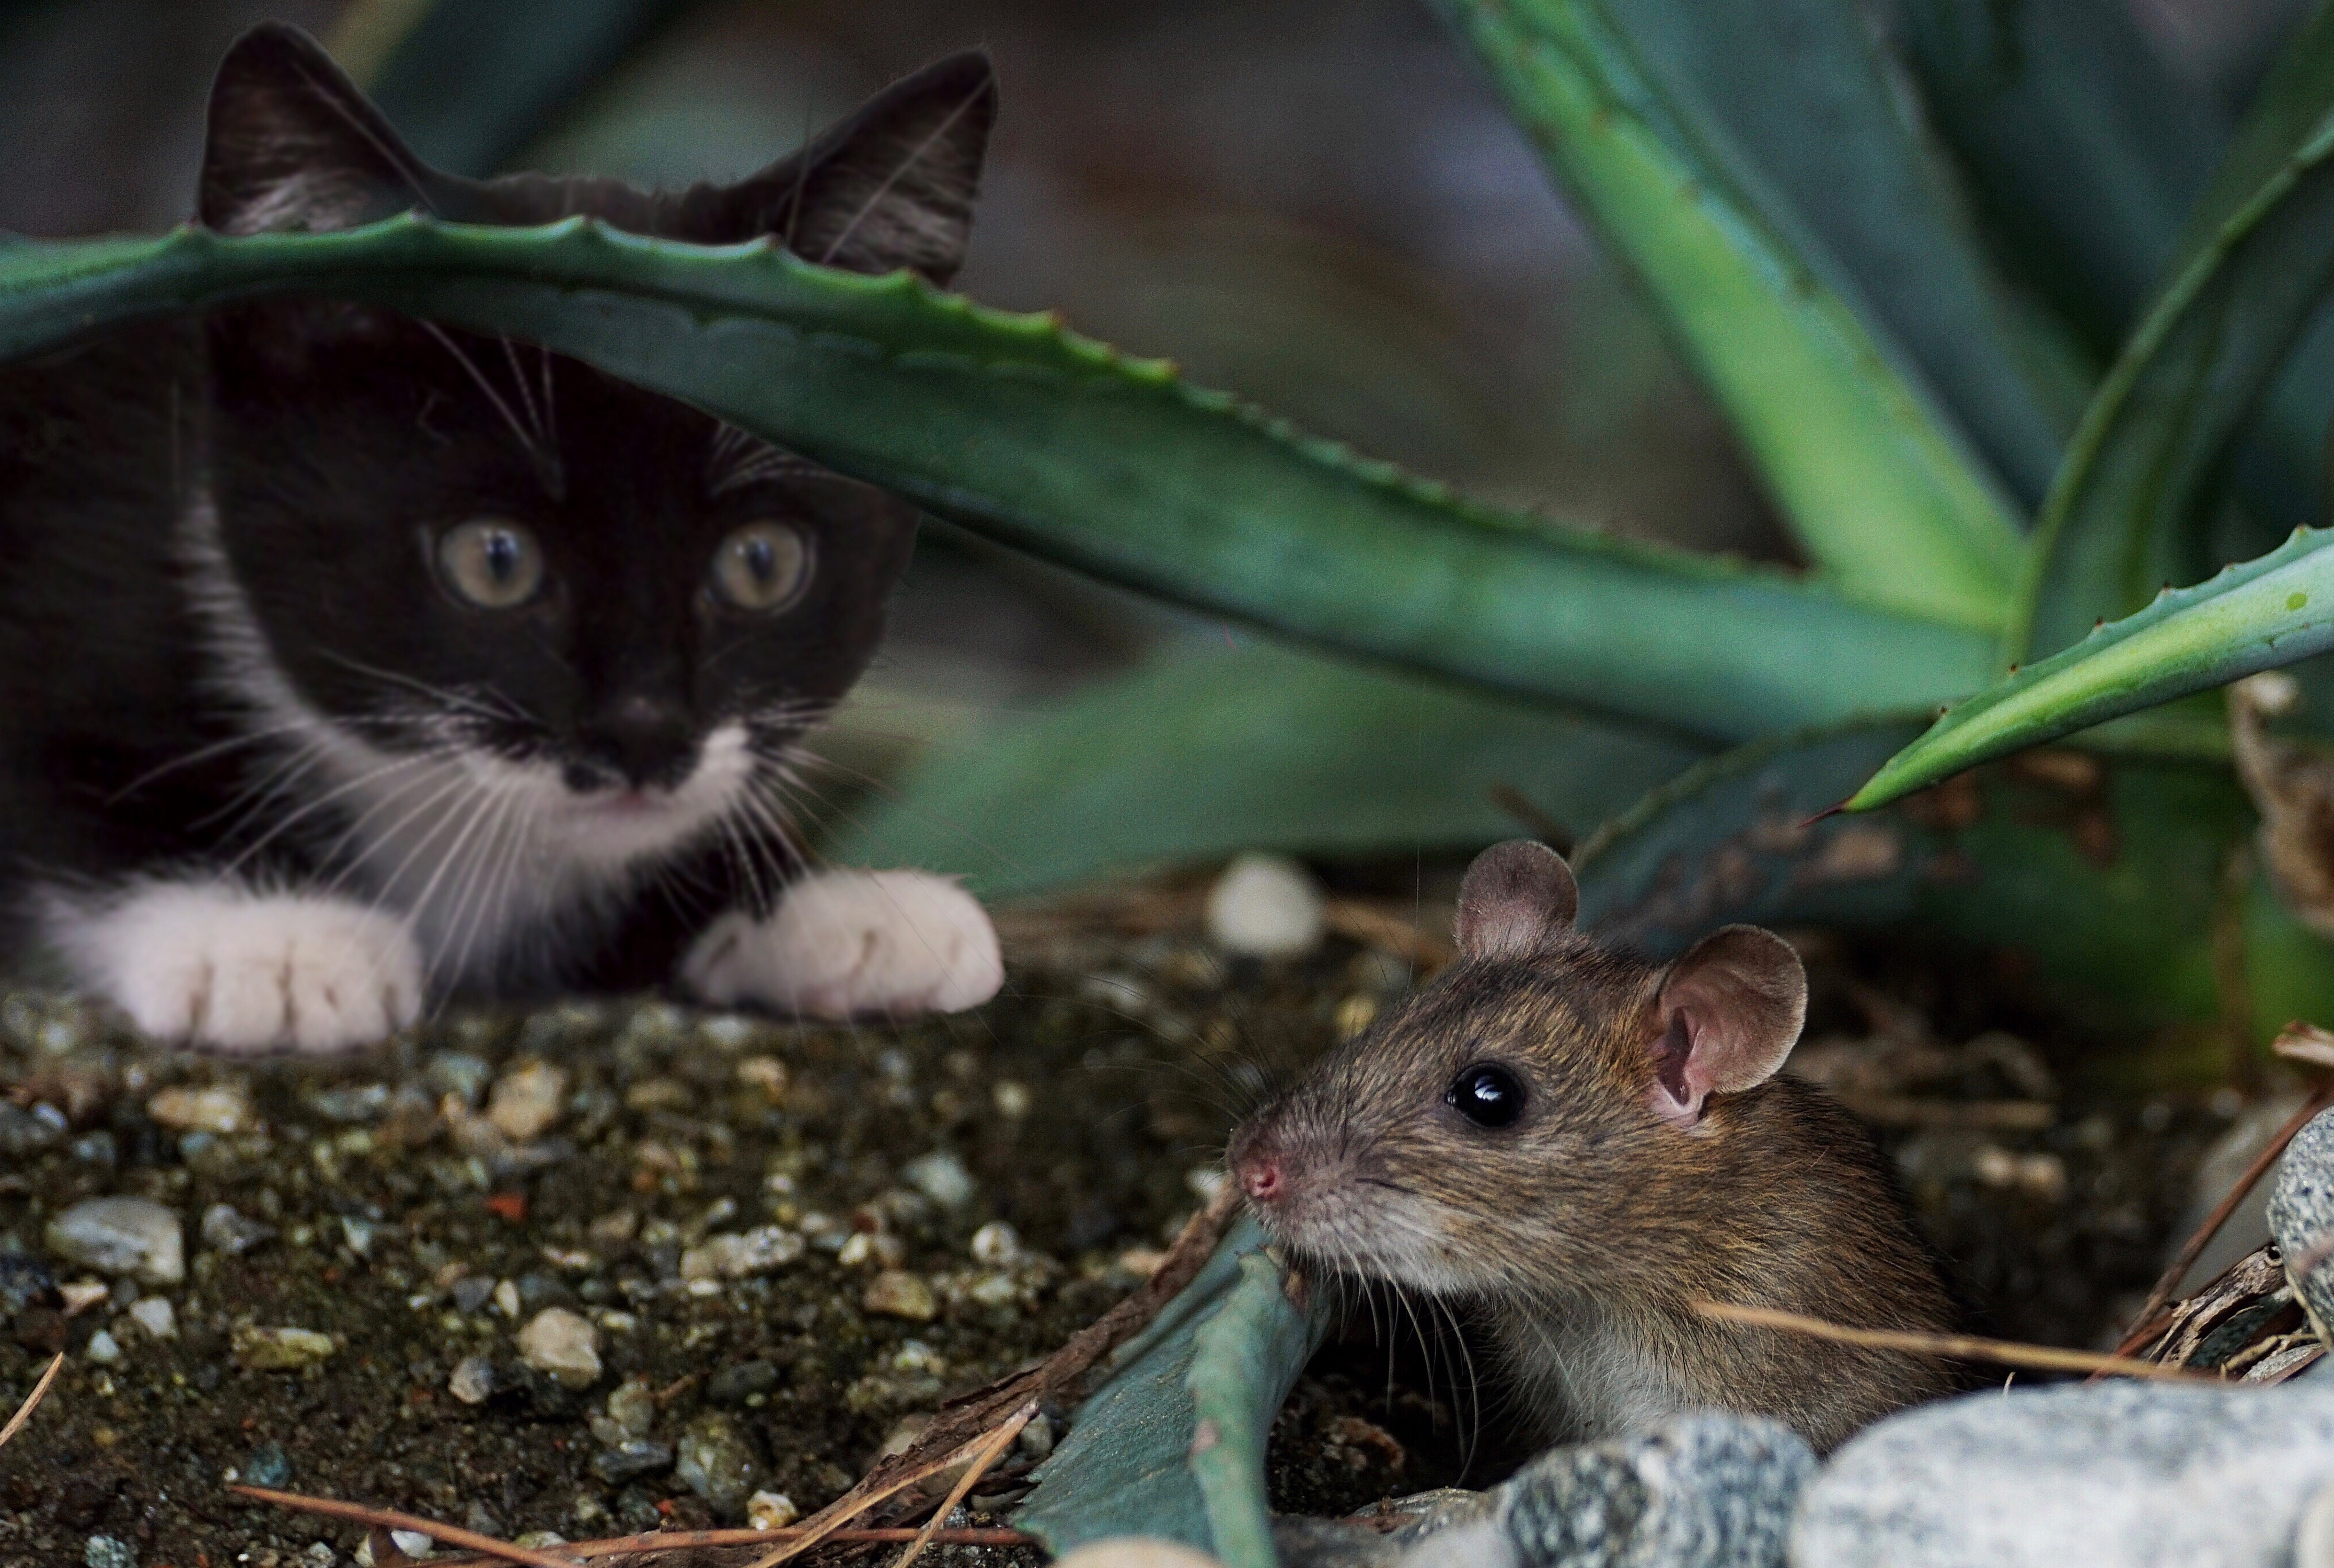 MM_Zeig mir Deine Maus Katze_Endbericht2